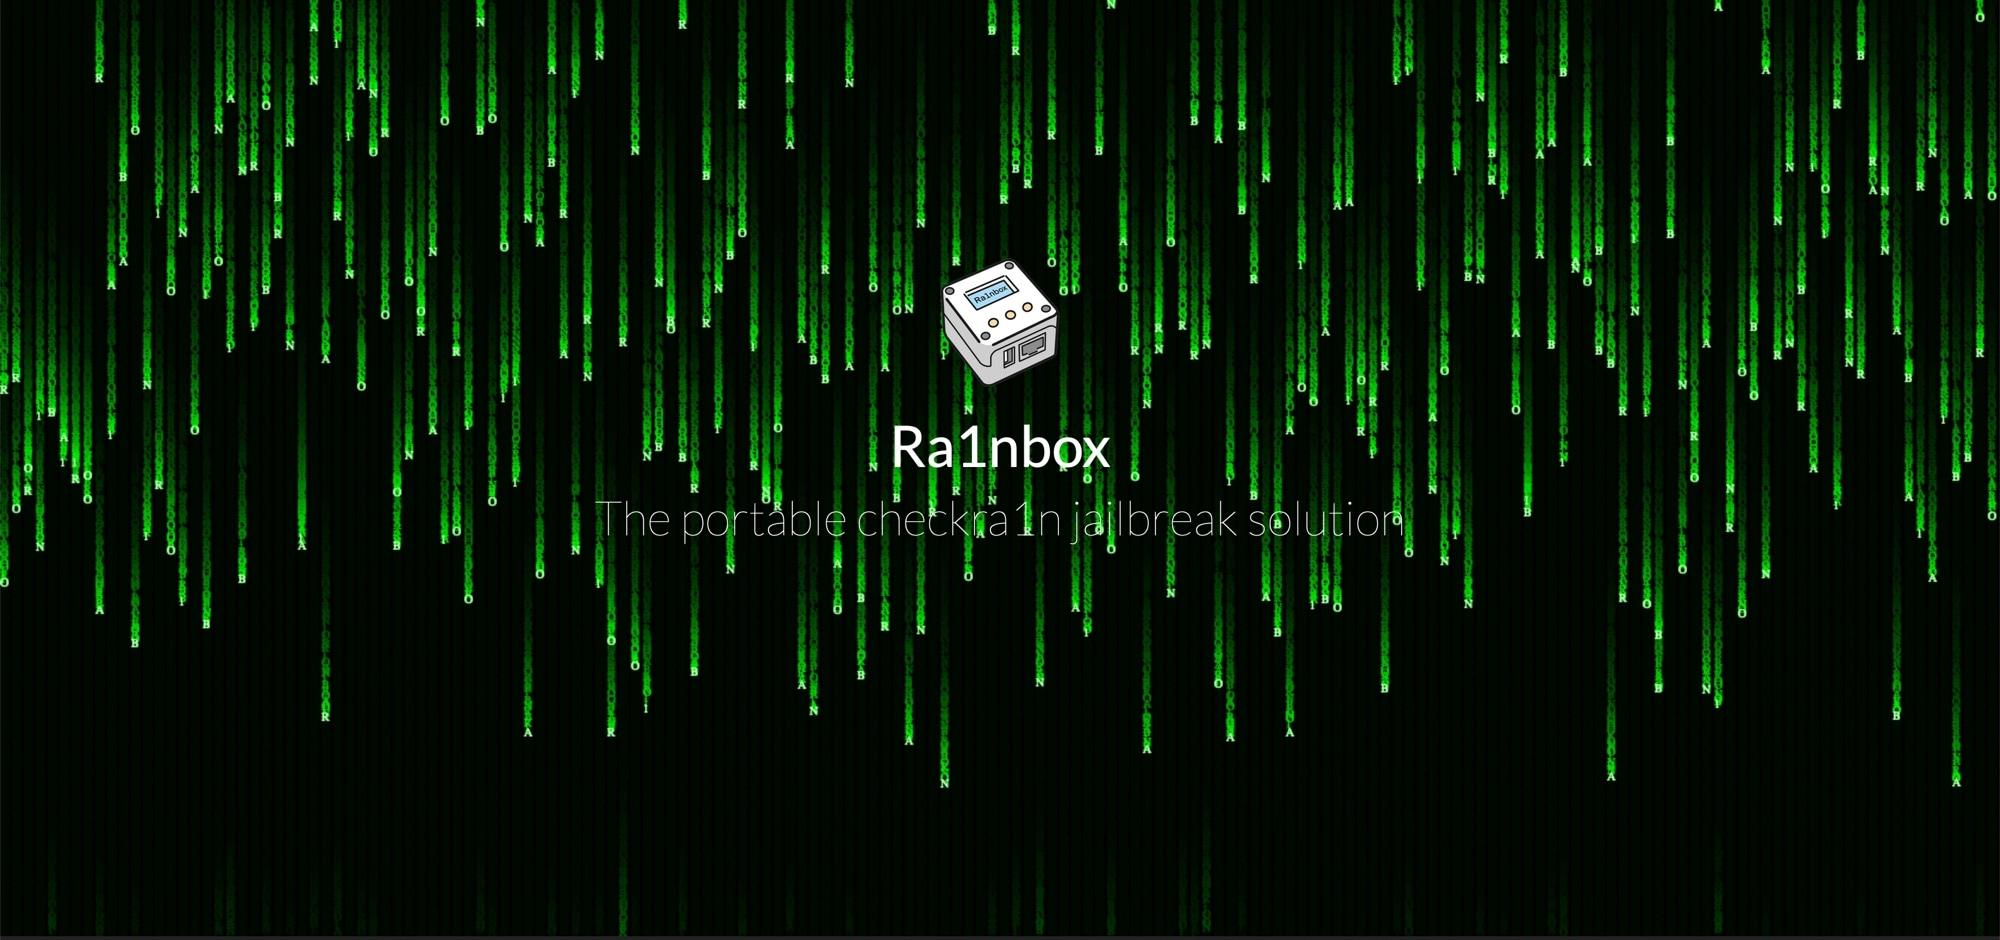 Ra1nbox es una caja con alimentación NanoPi Neo2 que puede distribuir checkra1n sin una computadora